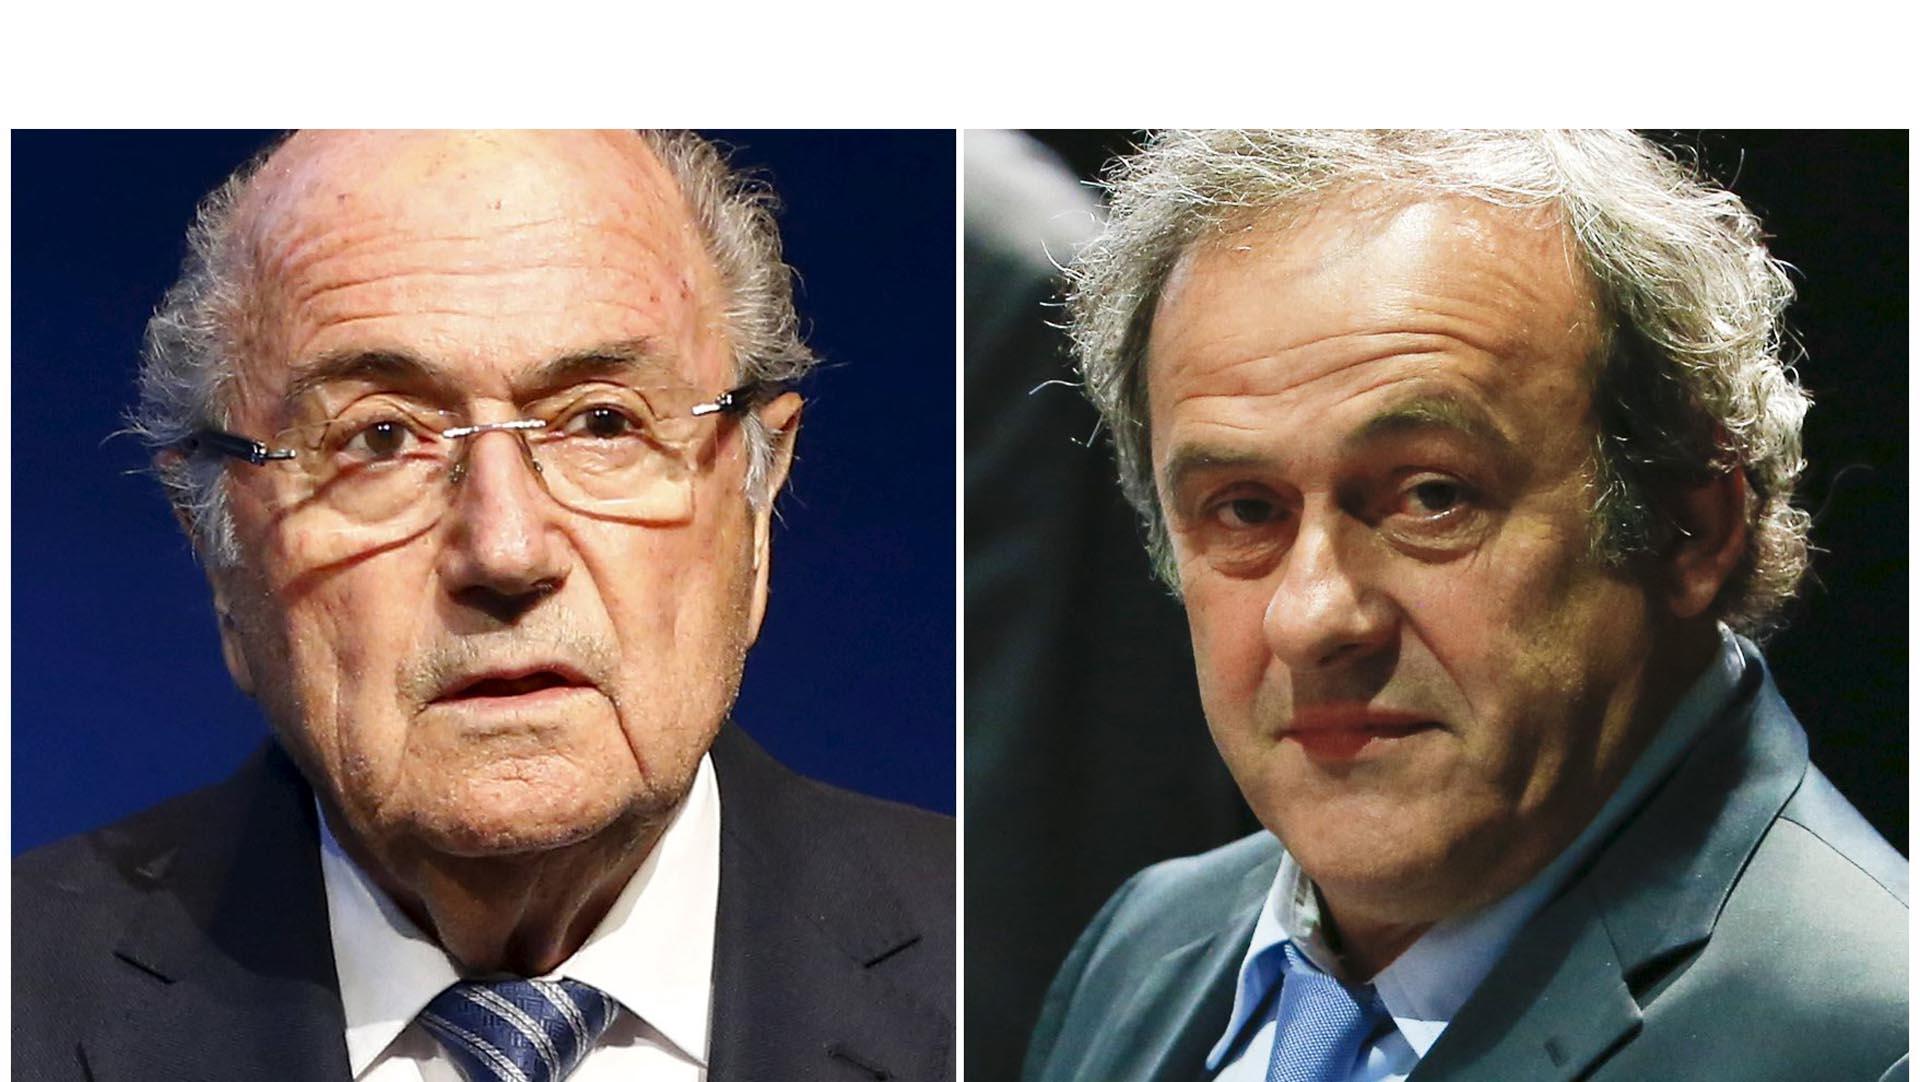 Ambos ejecutivos presentaron apelaciones tras conocer la suspensión, pero la FIFA no admitió el trámite